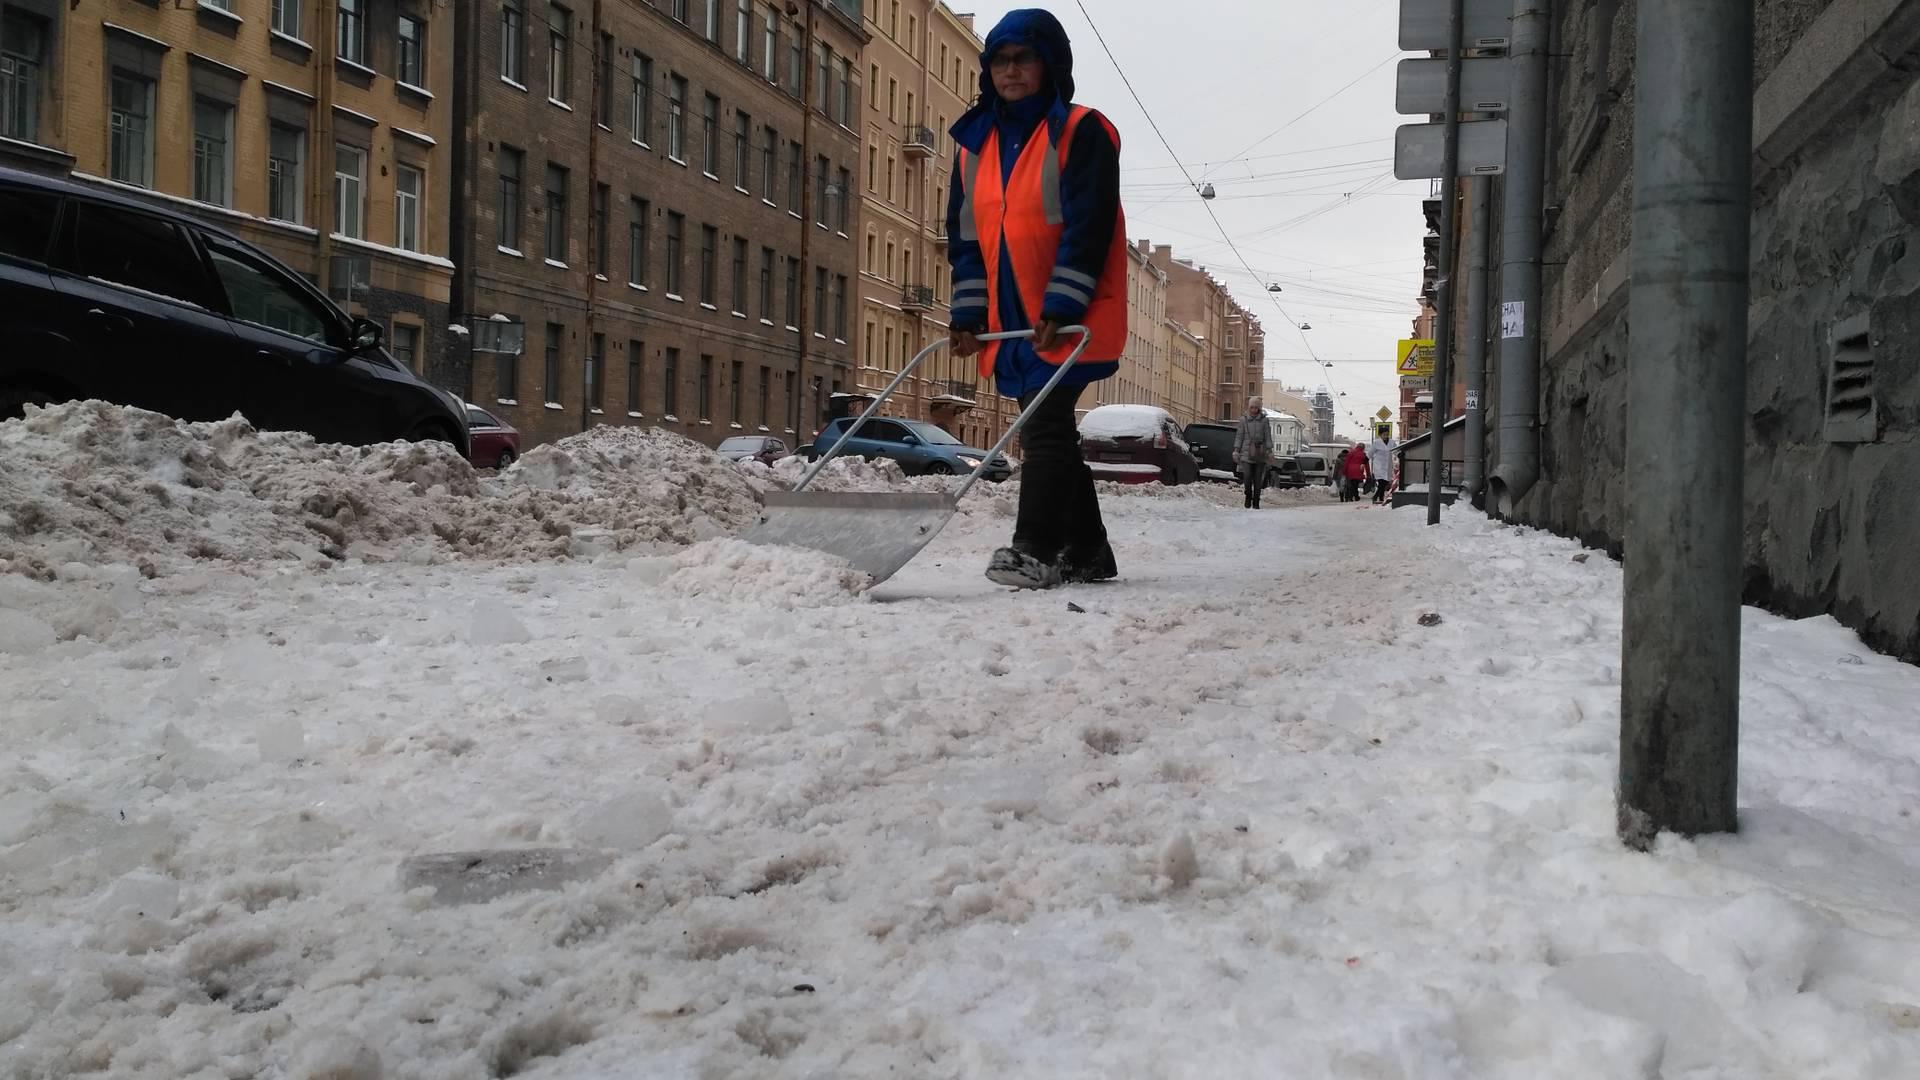 Снег и лед сброшены с крыши на тротуар, теперь их убирают на проезжую часть. Санкт-Петербург